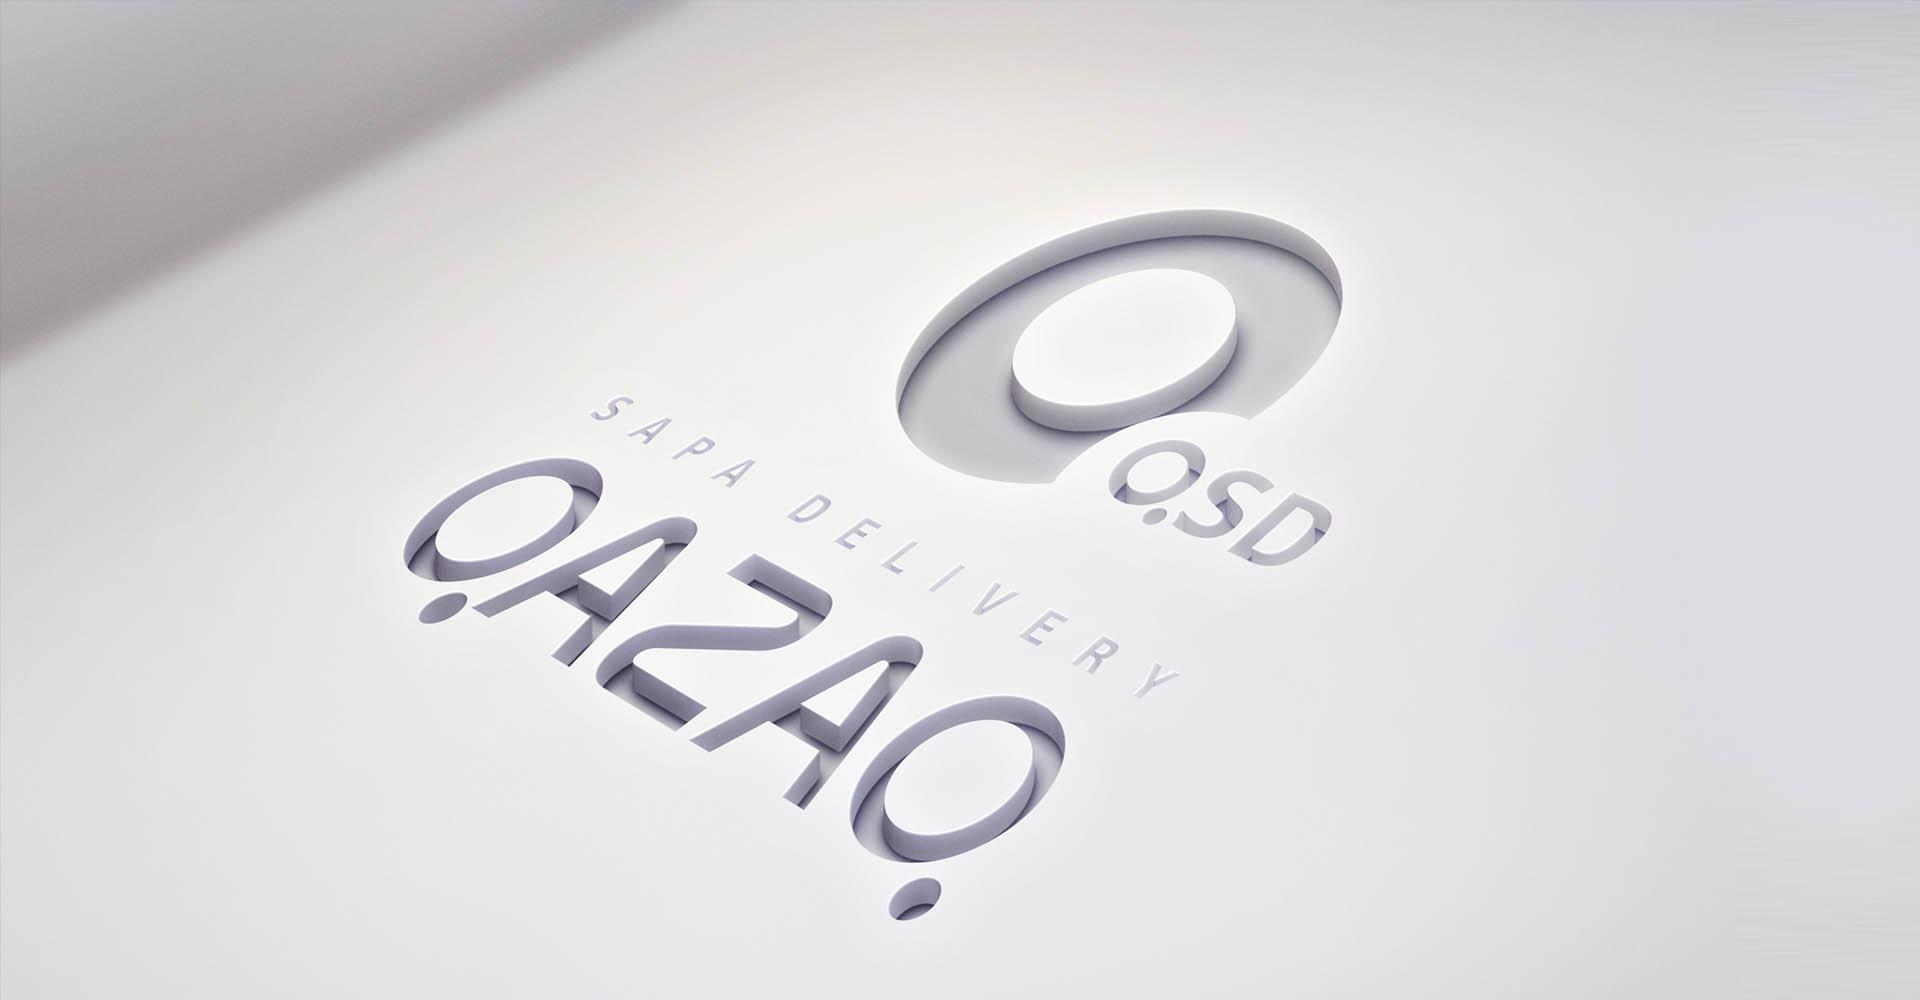 logo транспортноый компании